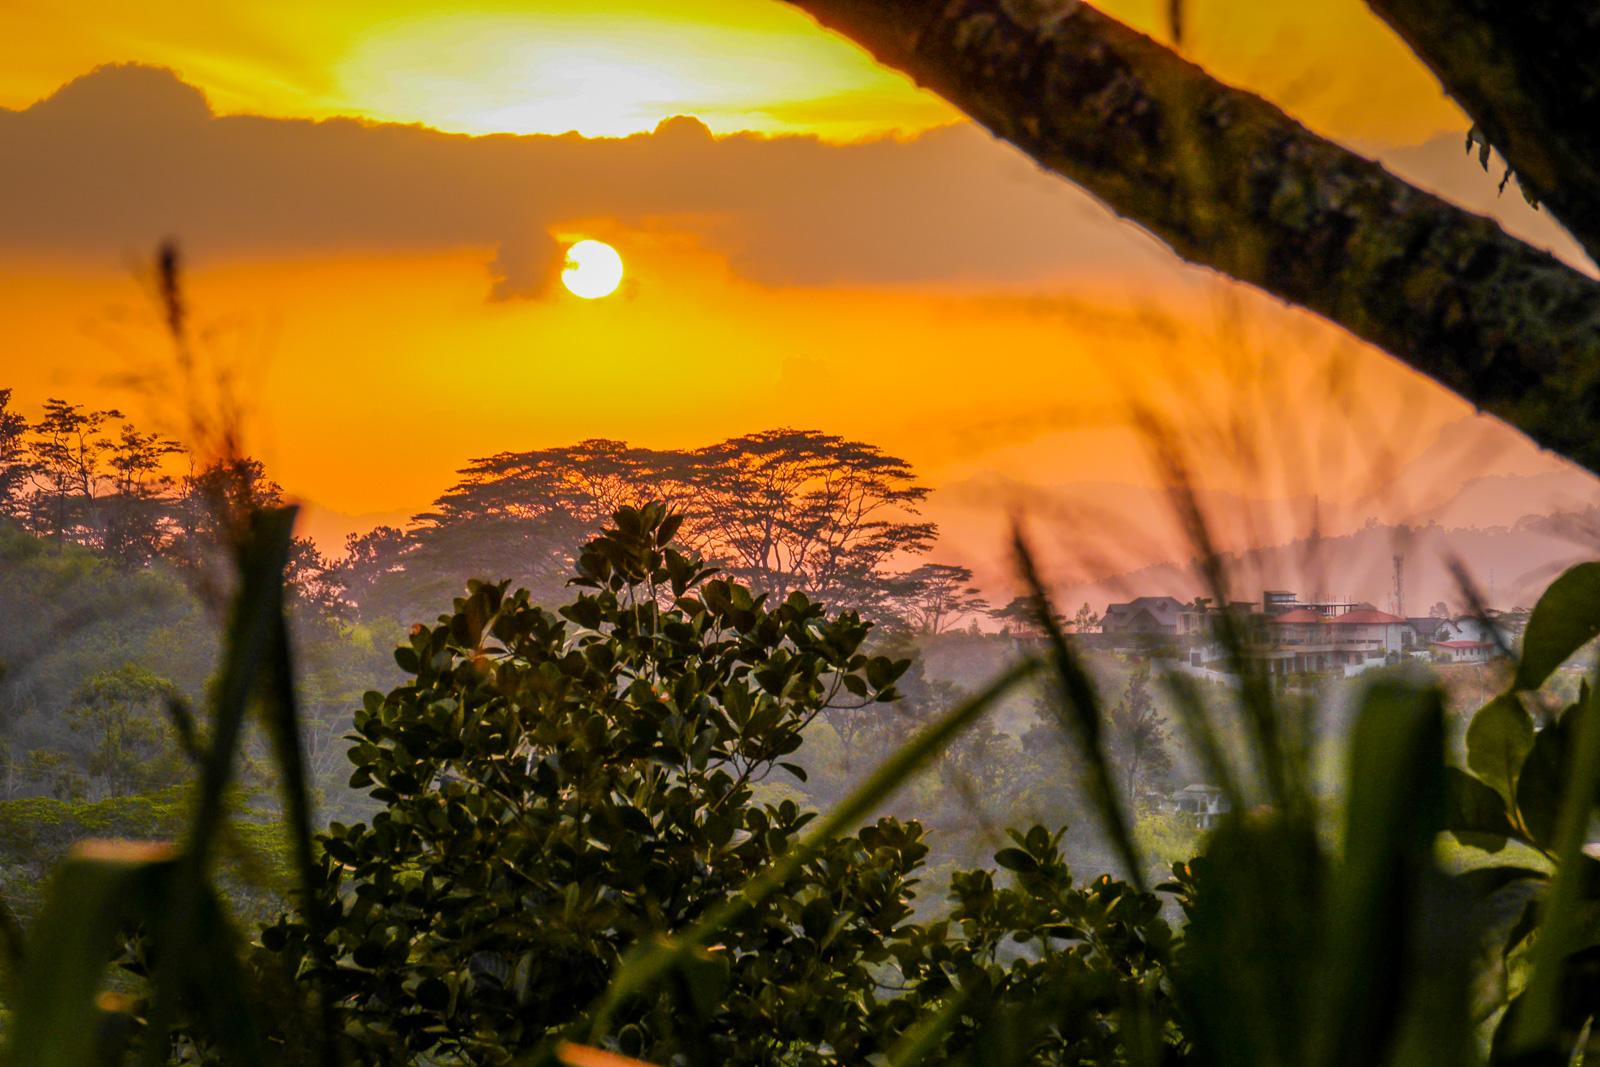 Stock: Kandy Sunset- Nick Stuckey-Beeri